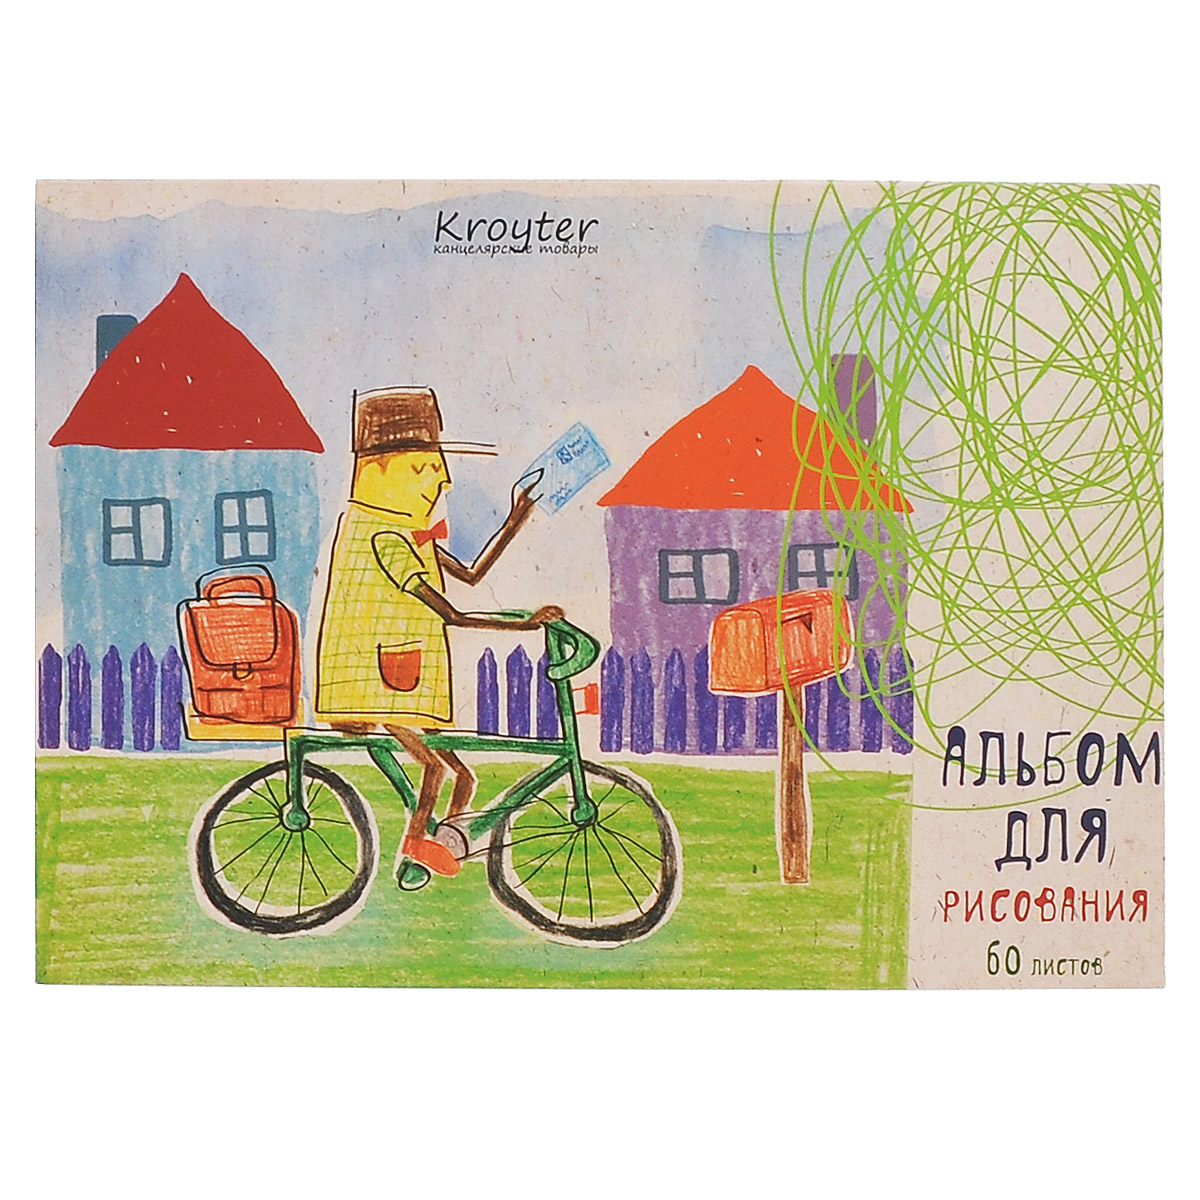 Альбом для рисования Kroyter, формат A5, 60 листов0703415Альбом Kroyter предназначен для эскизов и рисования, подходит для работ тушью. Внутренний блок - на склейке с твердой картонной подложкой, что позволяет использовать альбом вне дома. Обложка, изготовленная из высококачественного импортного картона, имеет стильный и современный дизайн.